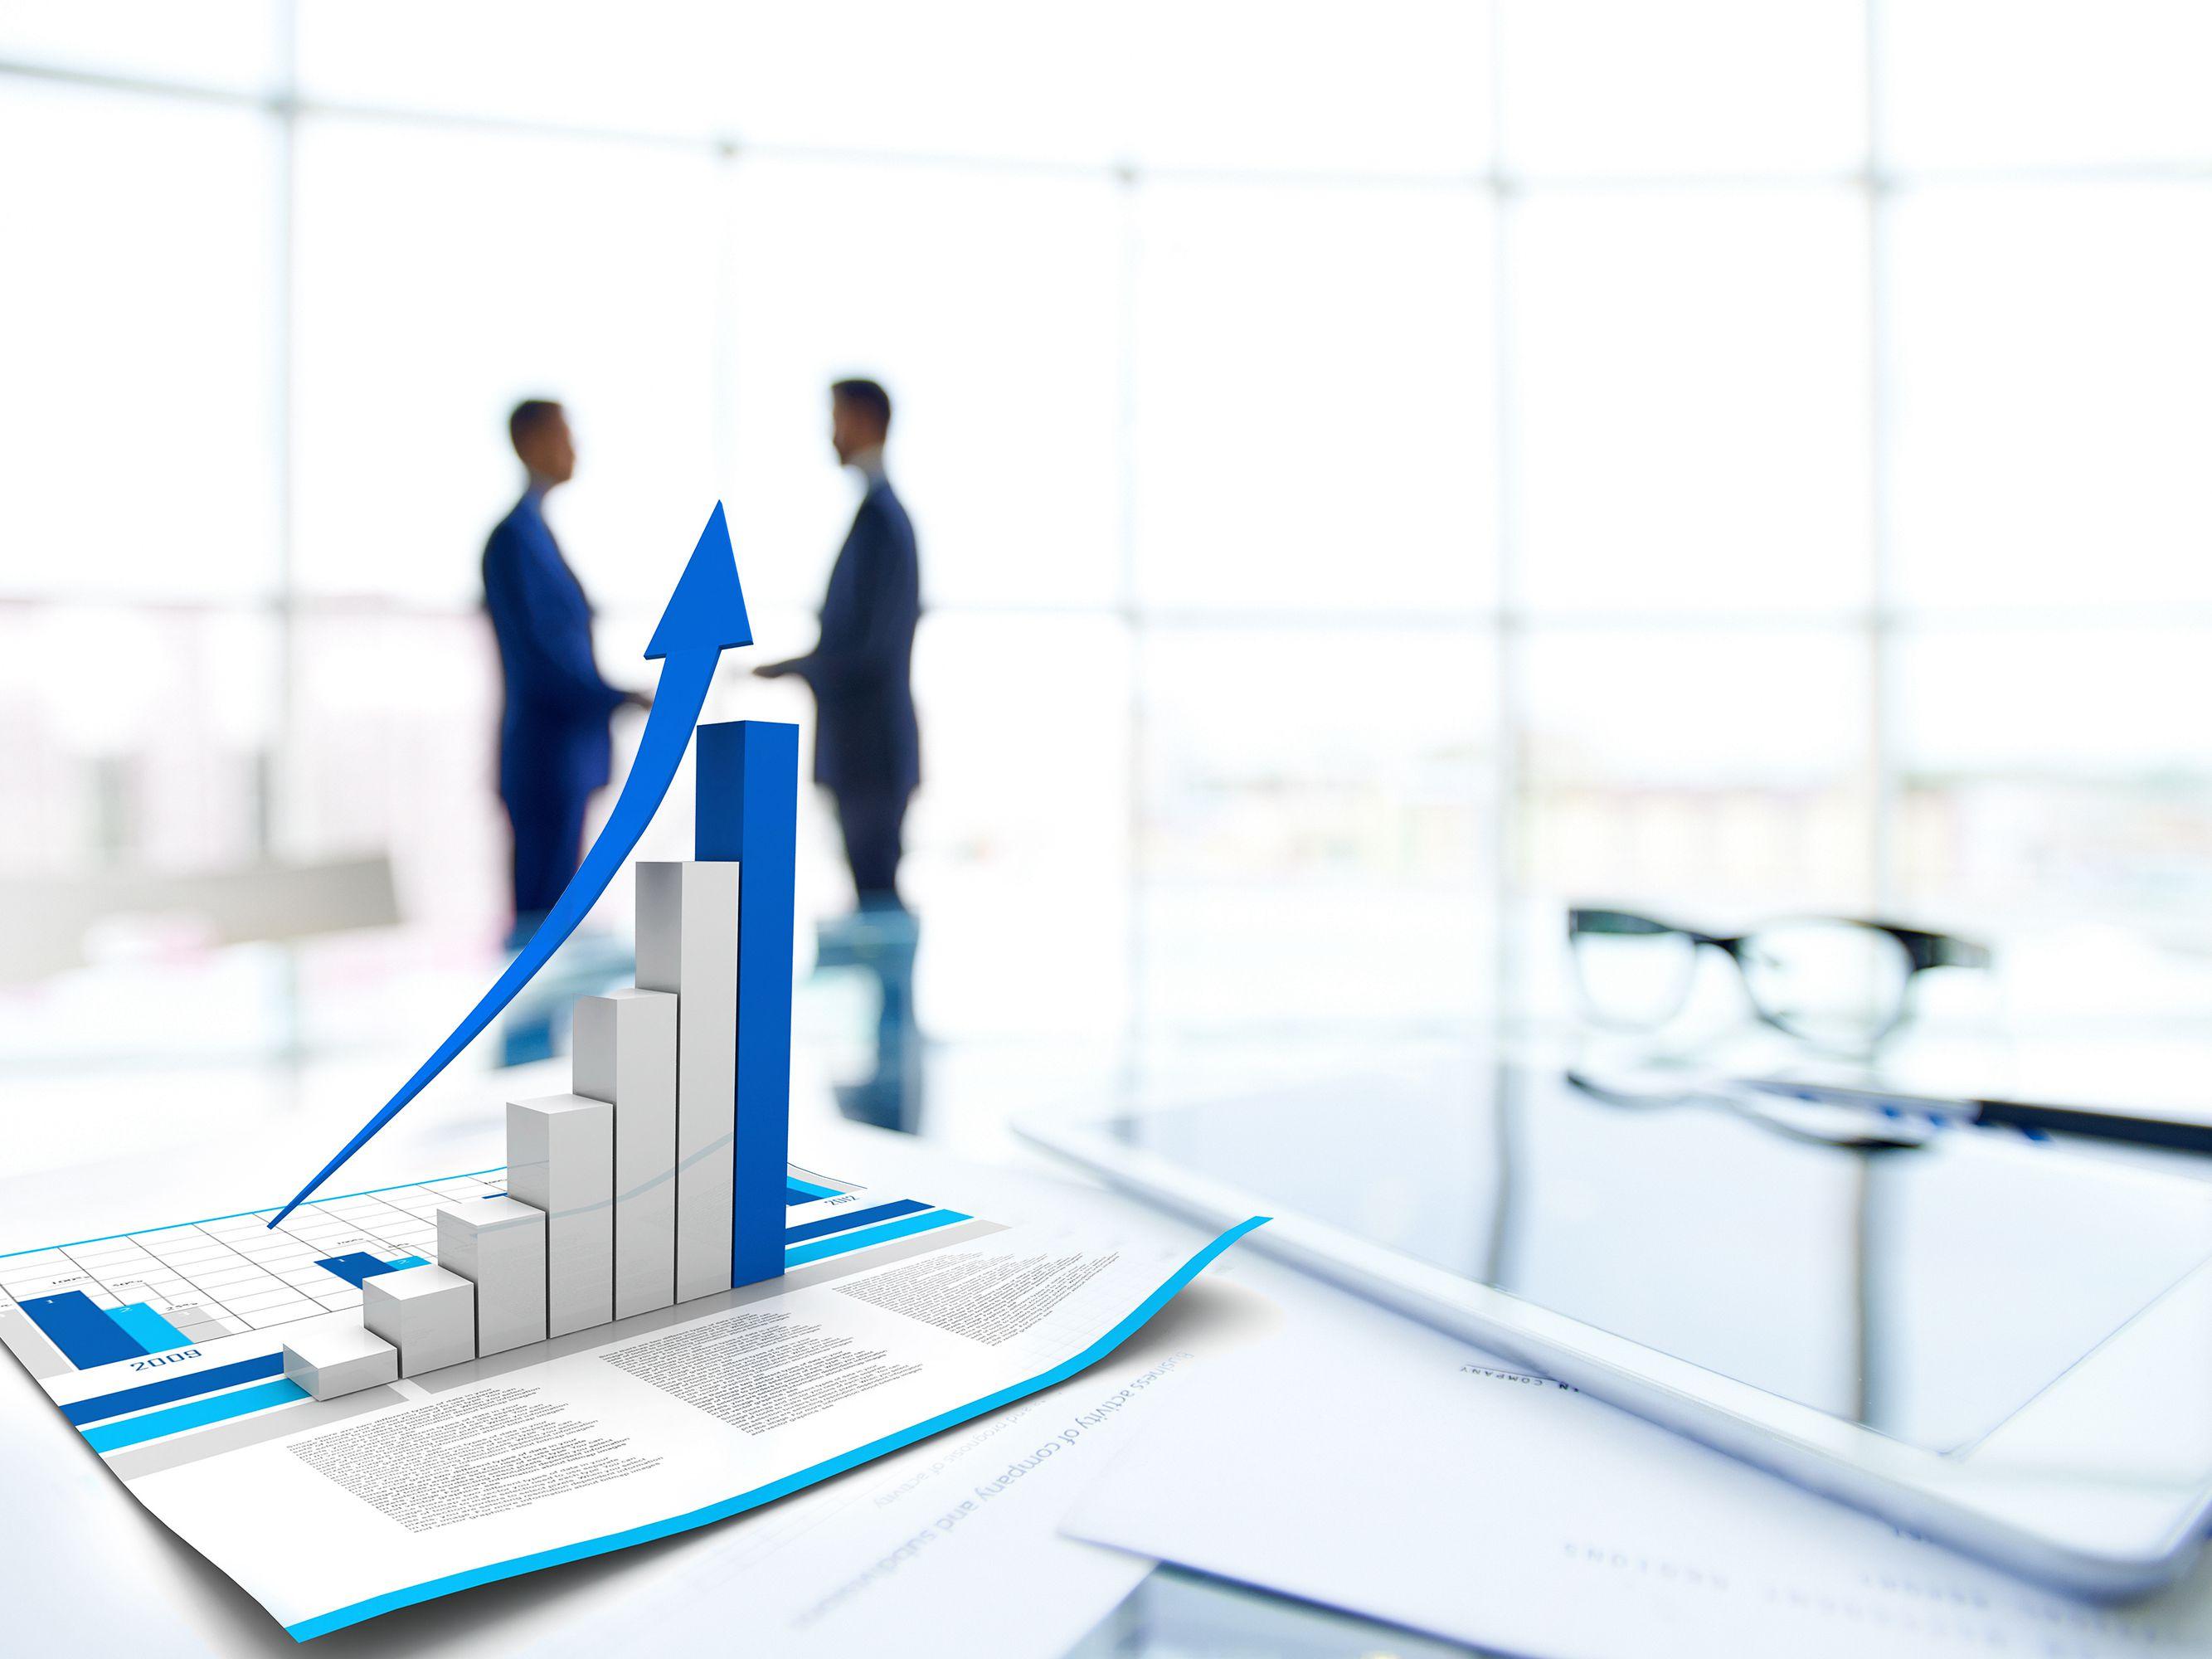 月度论坛:董秘职业、企业成长、行研能力、财务、法务等